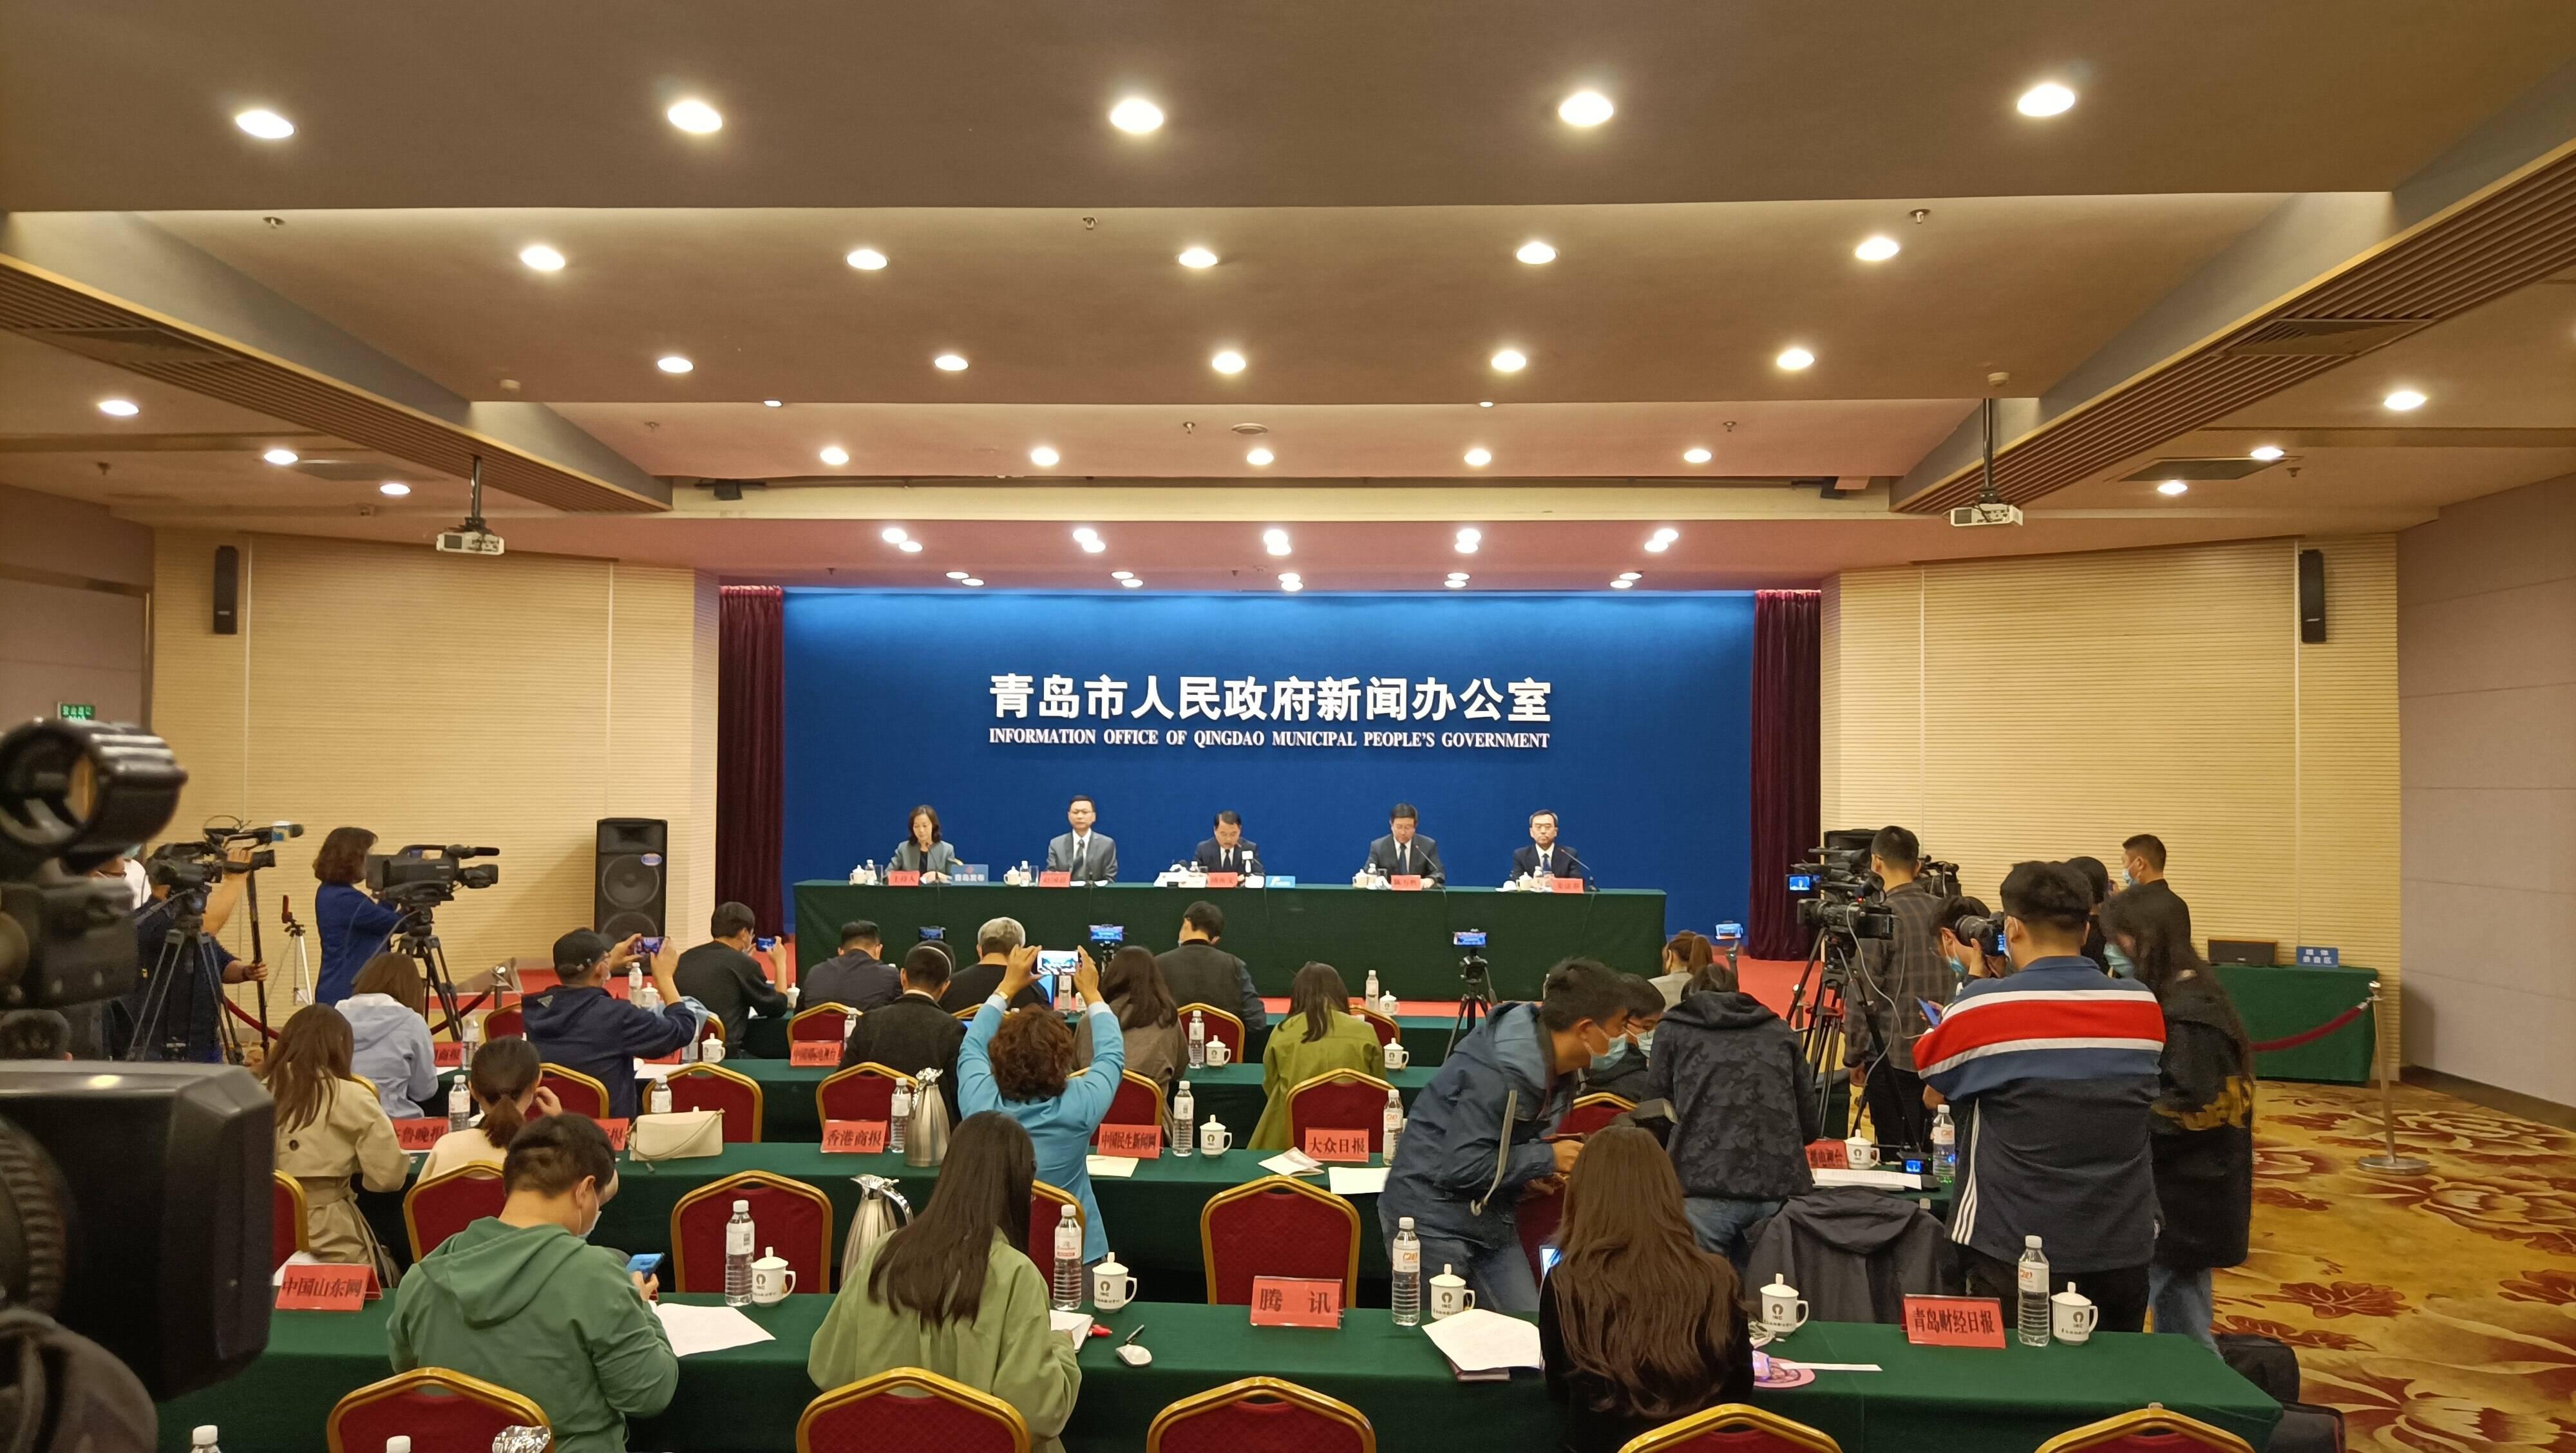 国家、省选派8人医疗救治专家组在青岛开展医疗救治工作